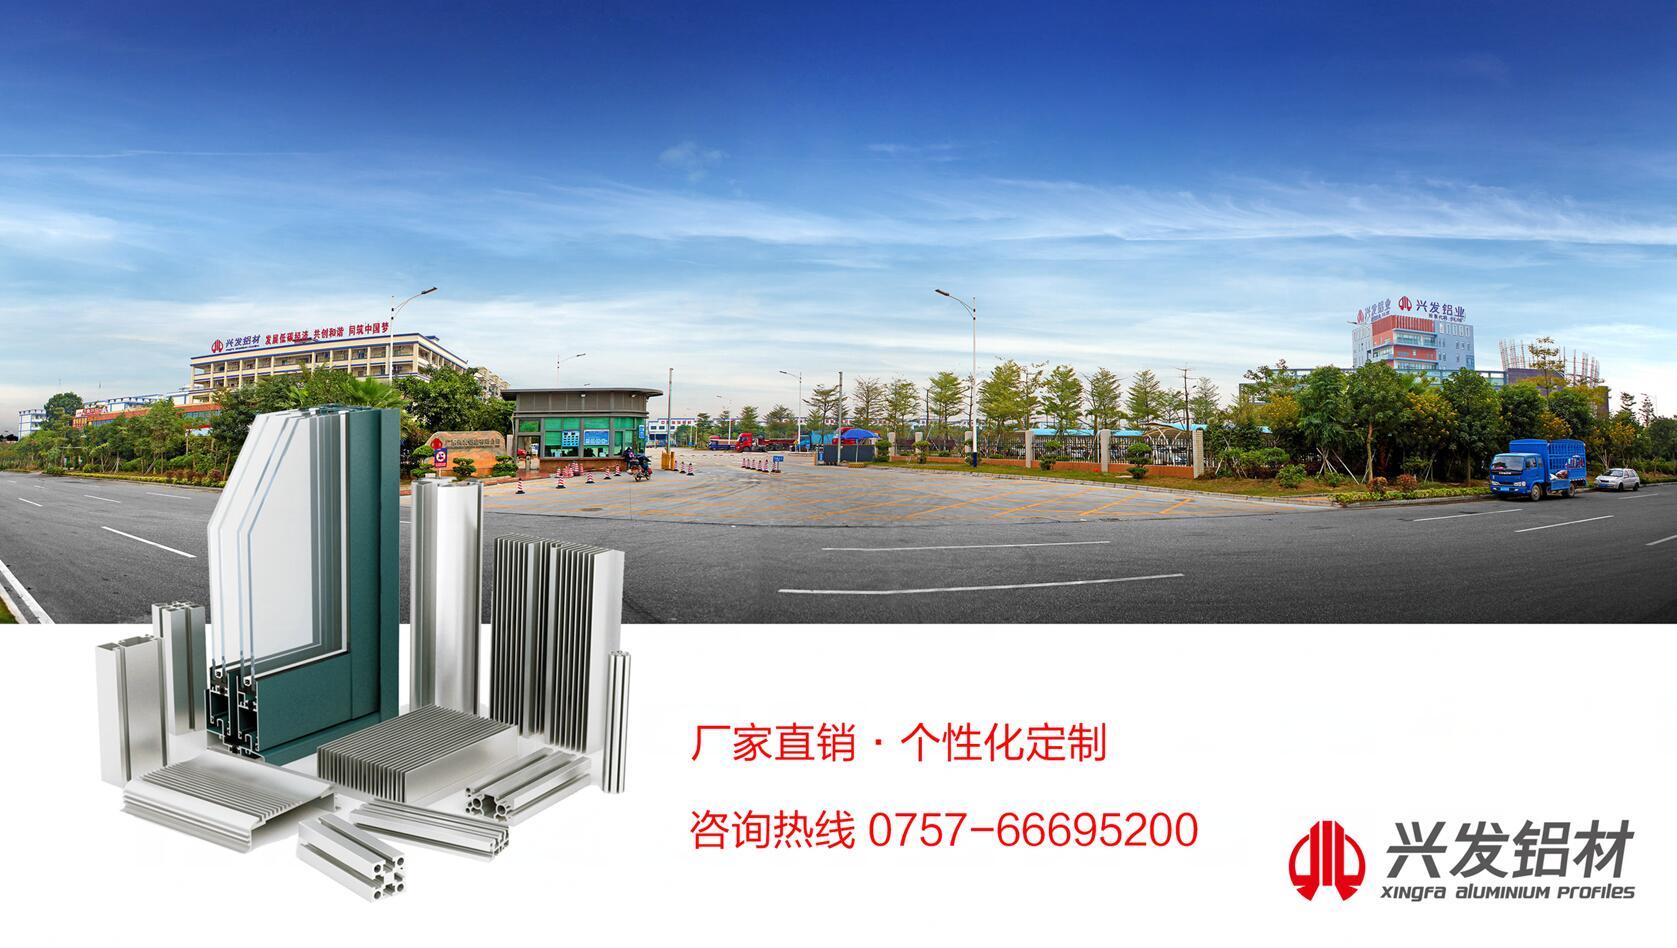 工业铝型材定制生产.jpg